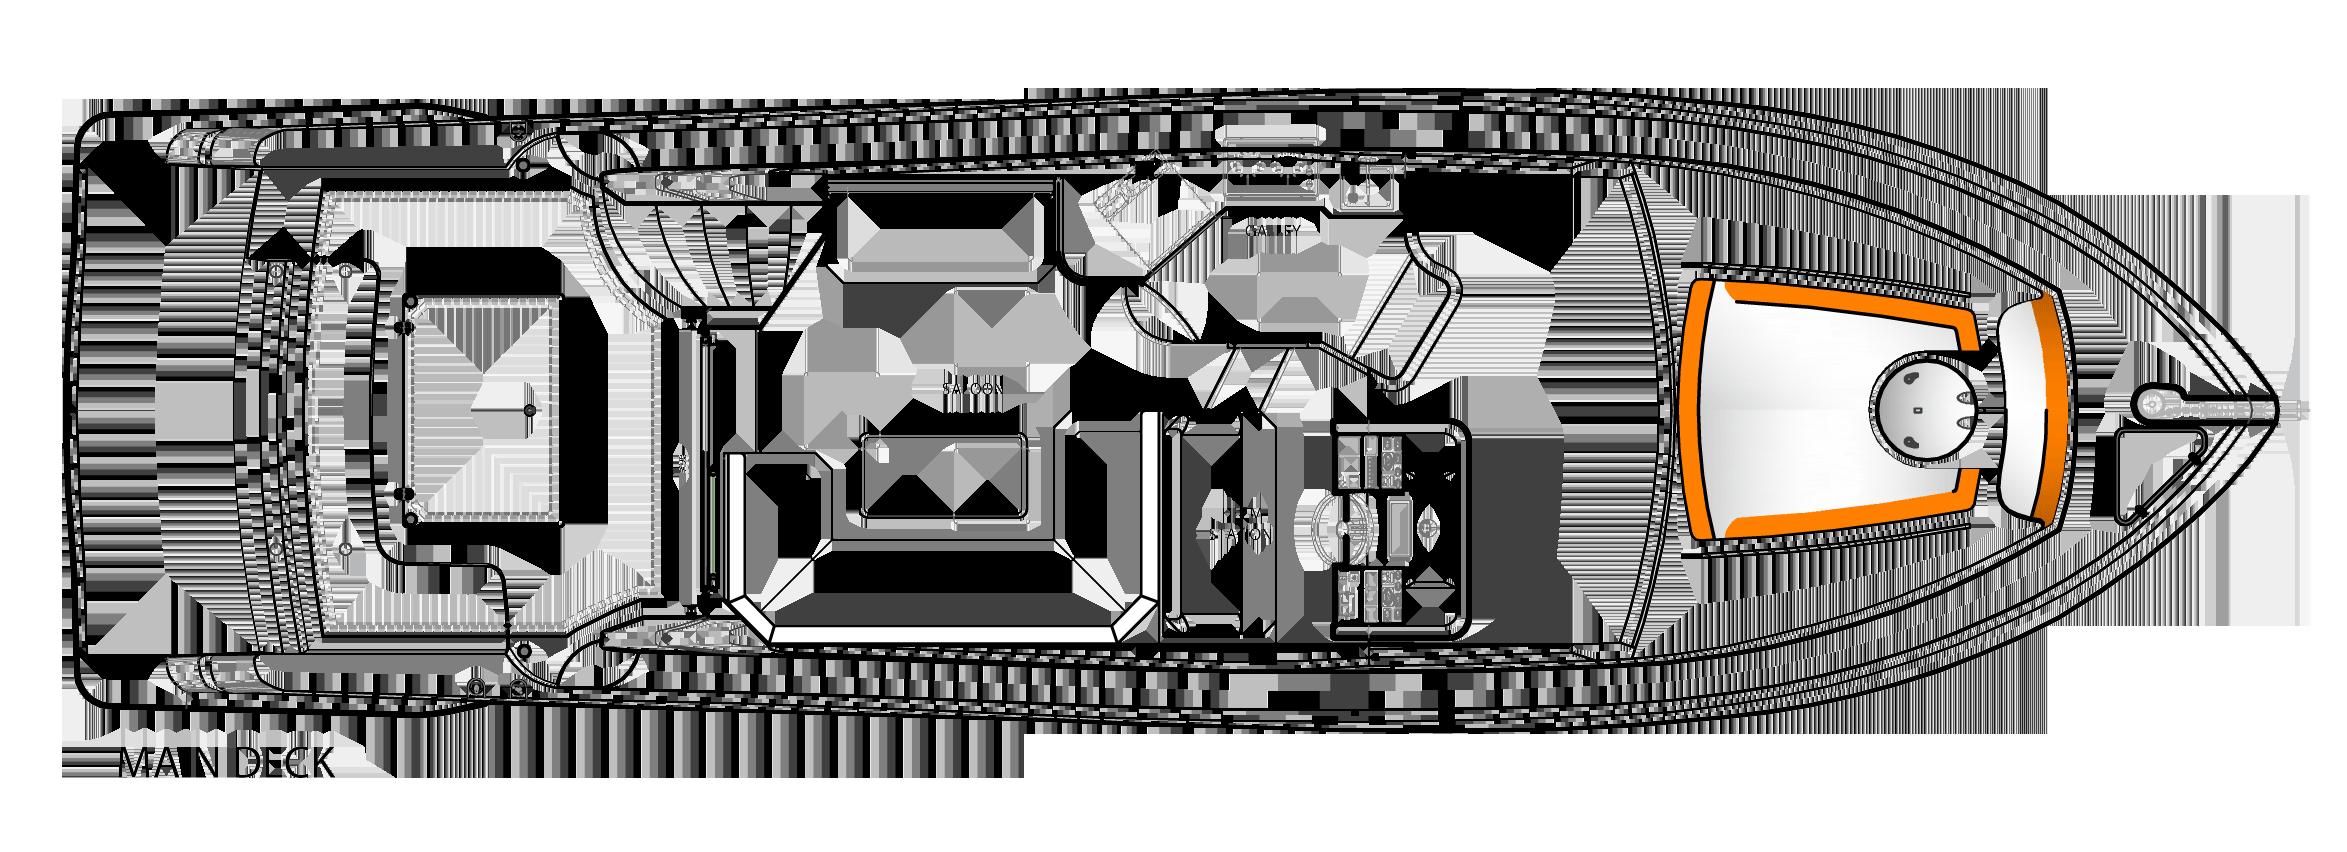 Main_deck.png